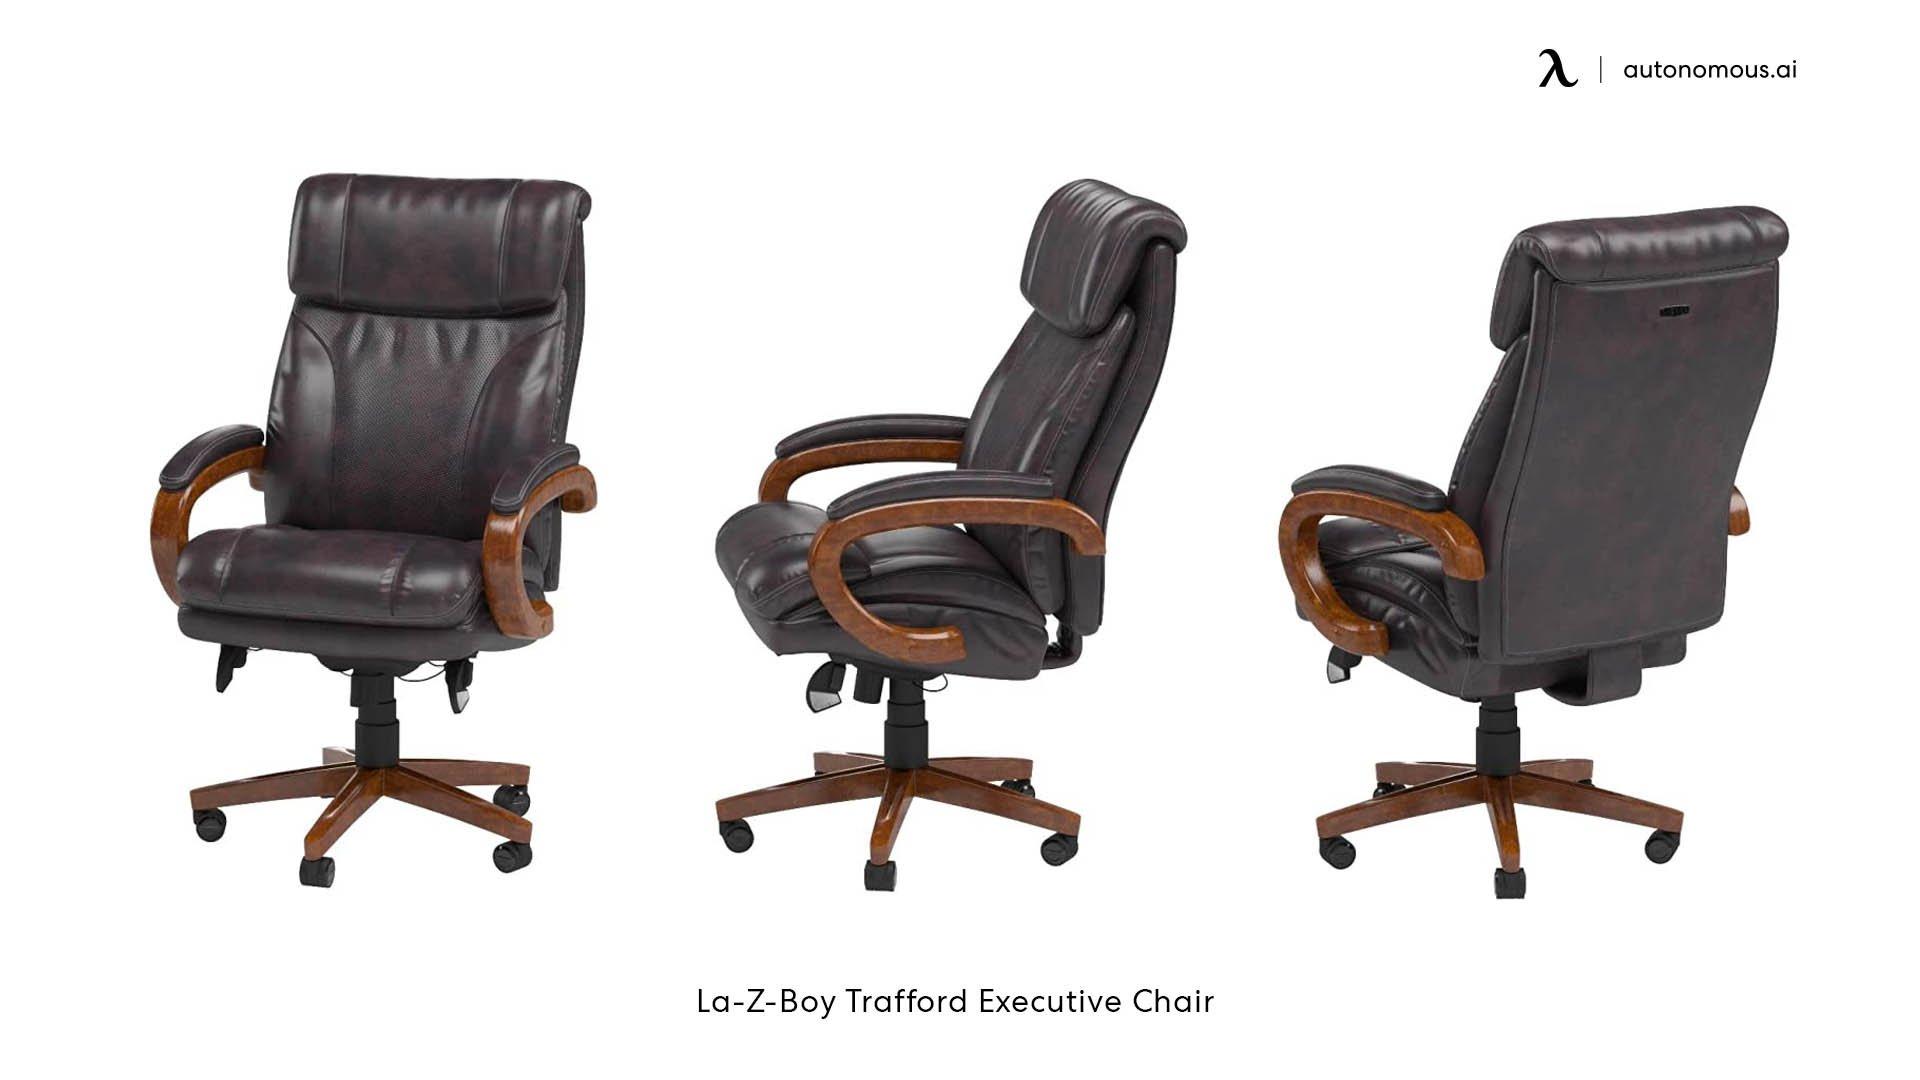 La-Z-Boy Trafford Executive Chair